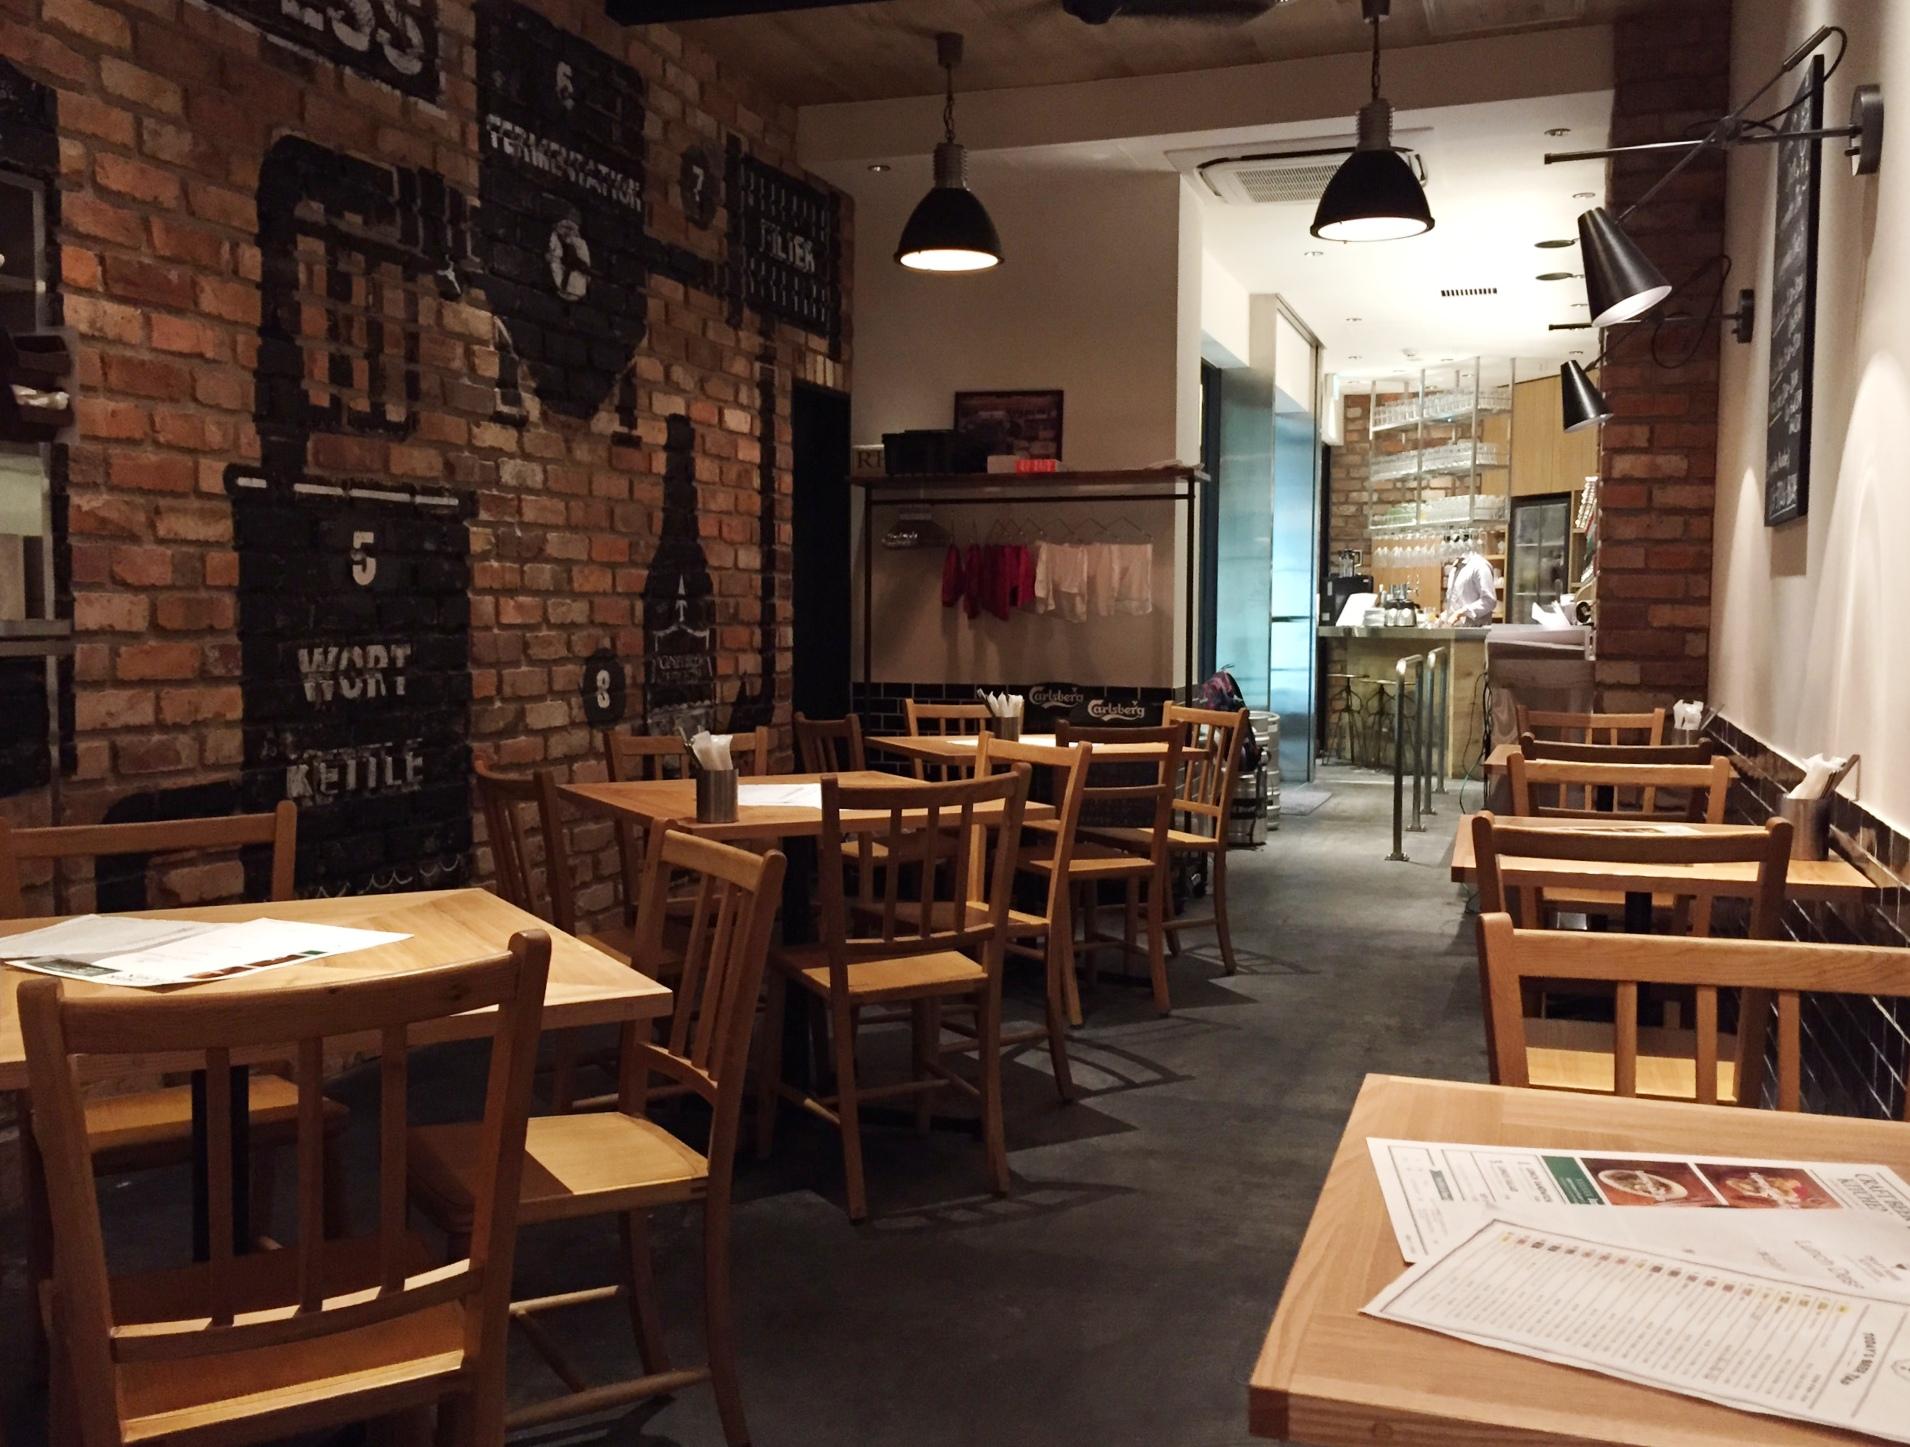 湘南台のカフェ特集!ランチがおいしい人気店や勉強したい時におすすめの店も!